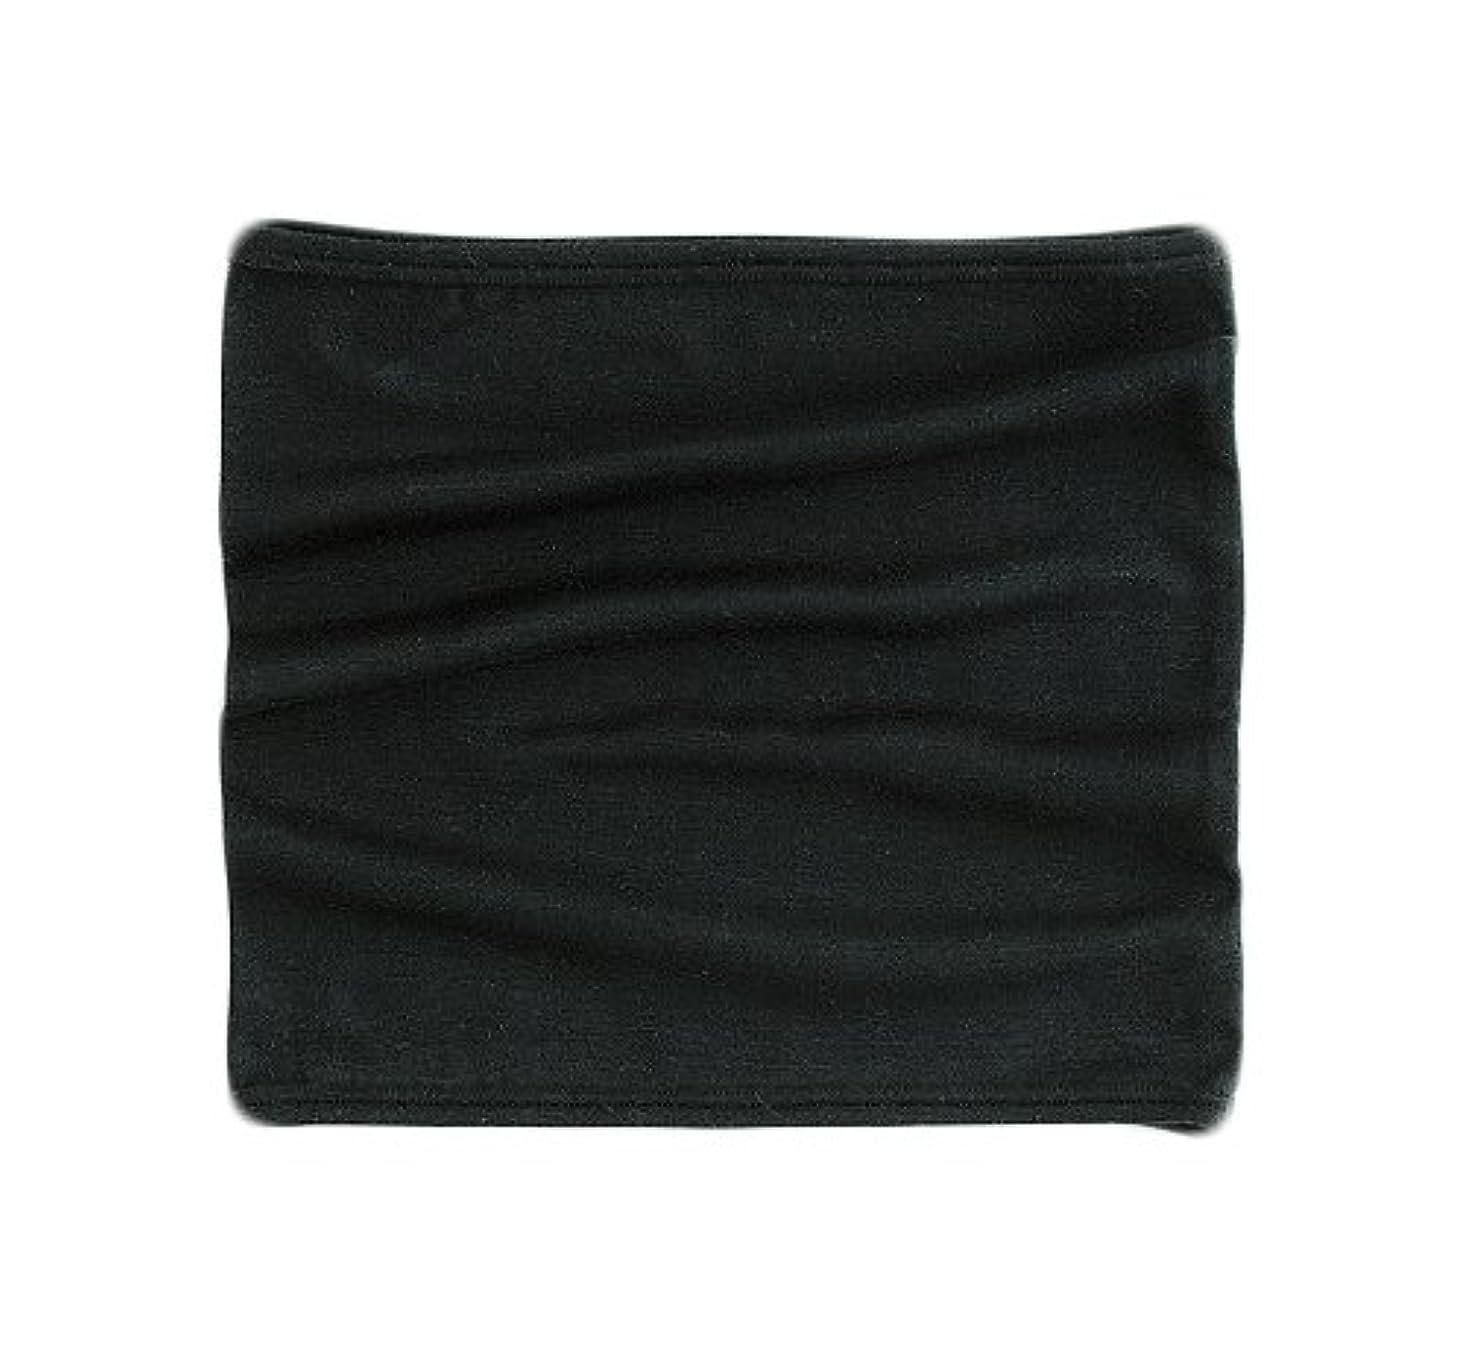 ズームスケート不従順おたふく手袋 ボディータフネス 発熱?保温 テックサーモ ウエストウォーマー 腹巻 ブラック JW-119